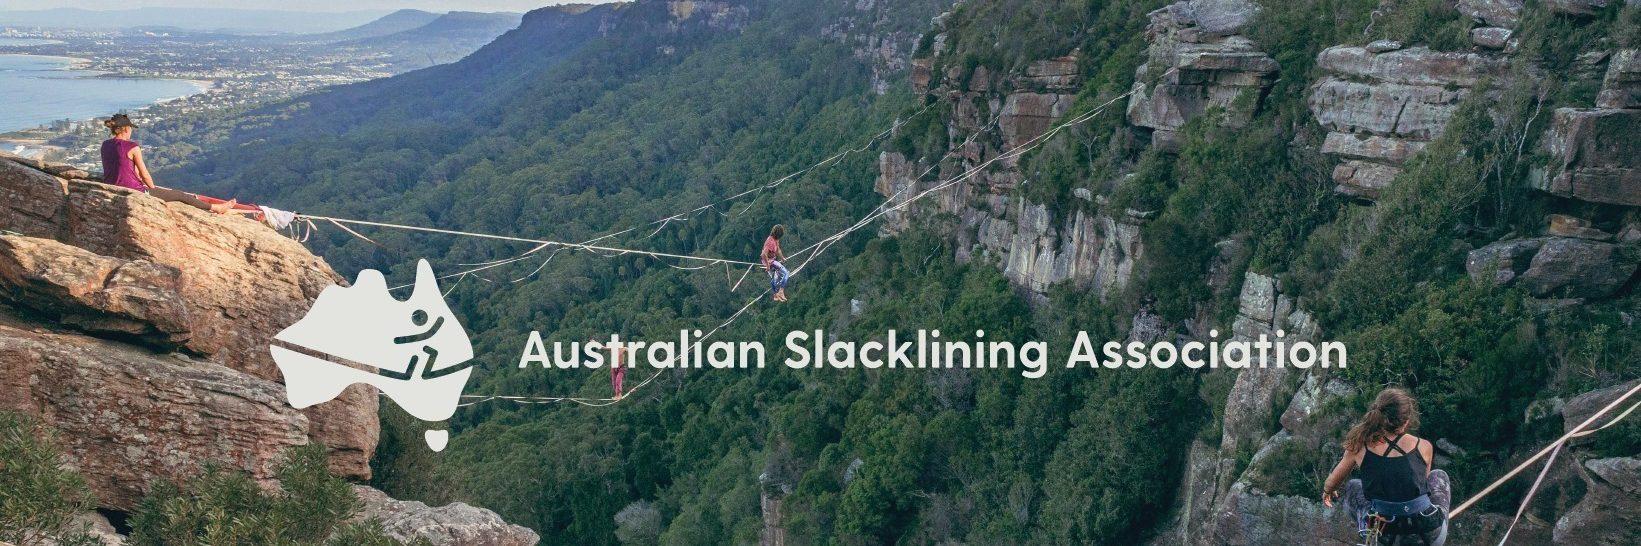 Australian Slacklining Association